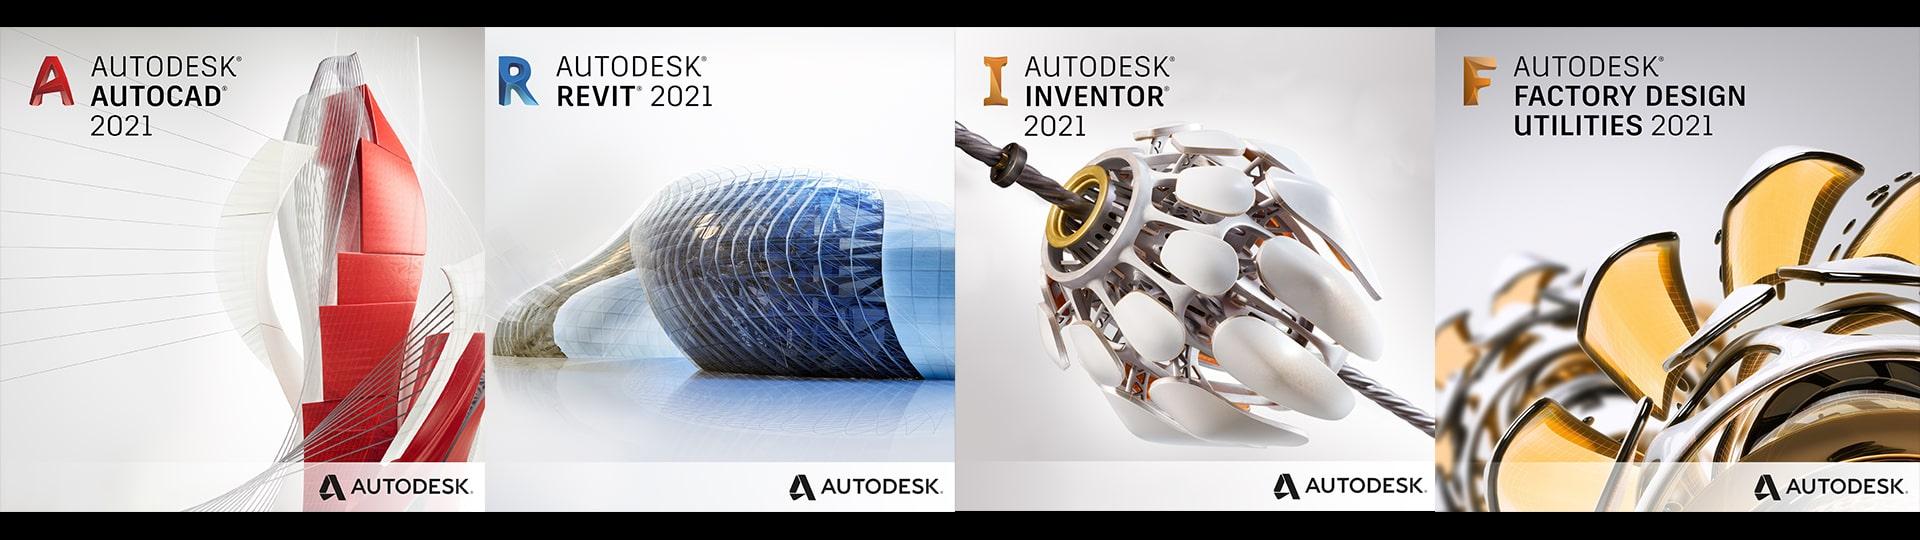 Програмне забезпечення Autodesk: AutoCAD, Inventor, Design Utility и Revit